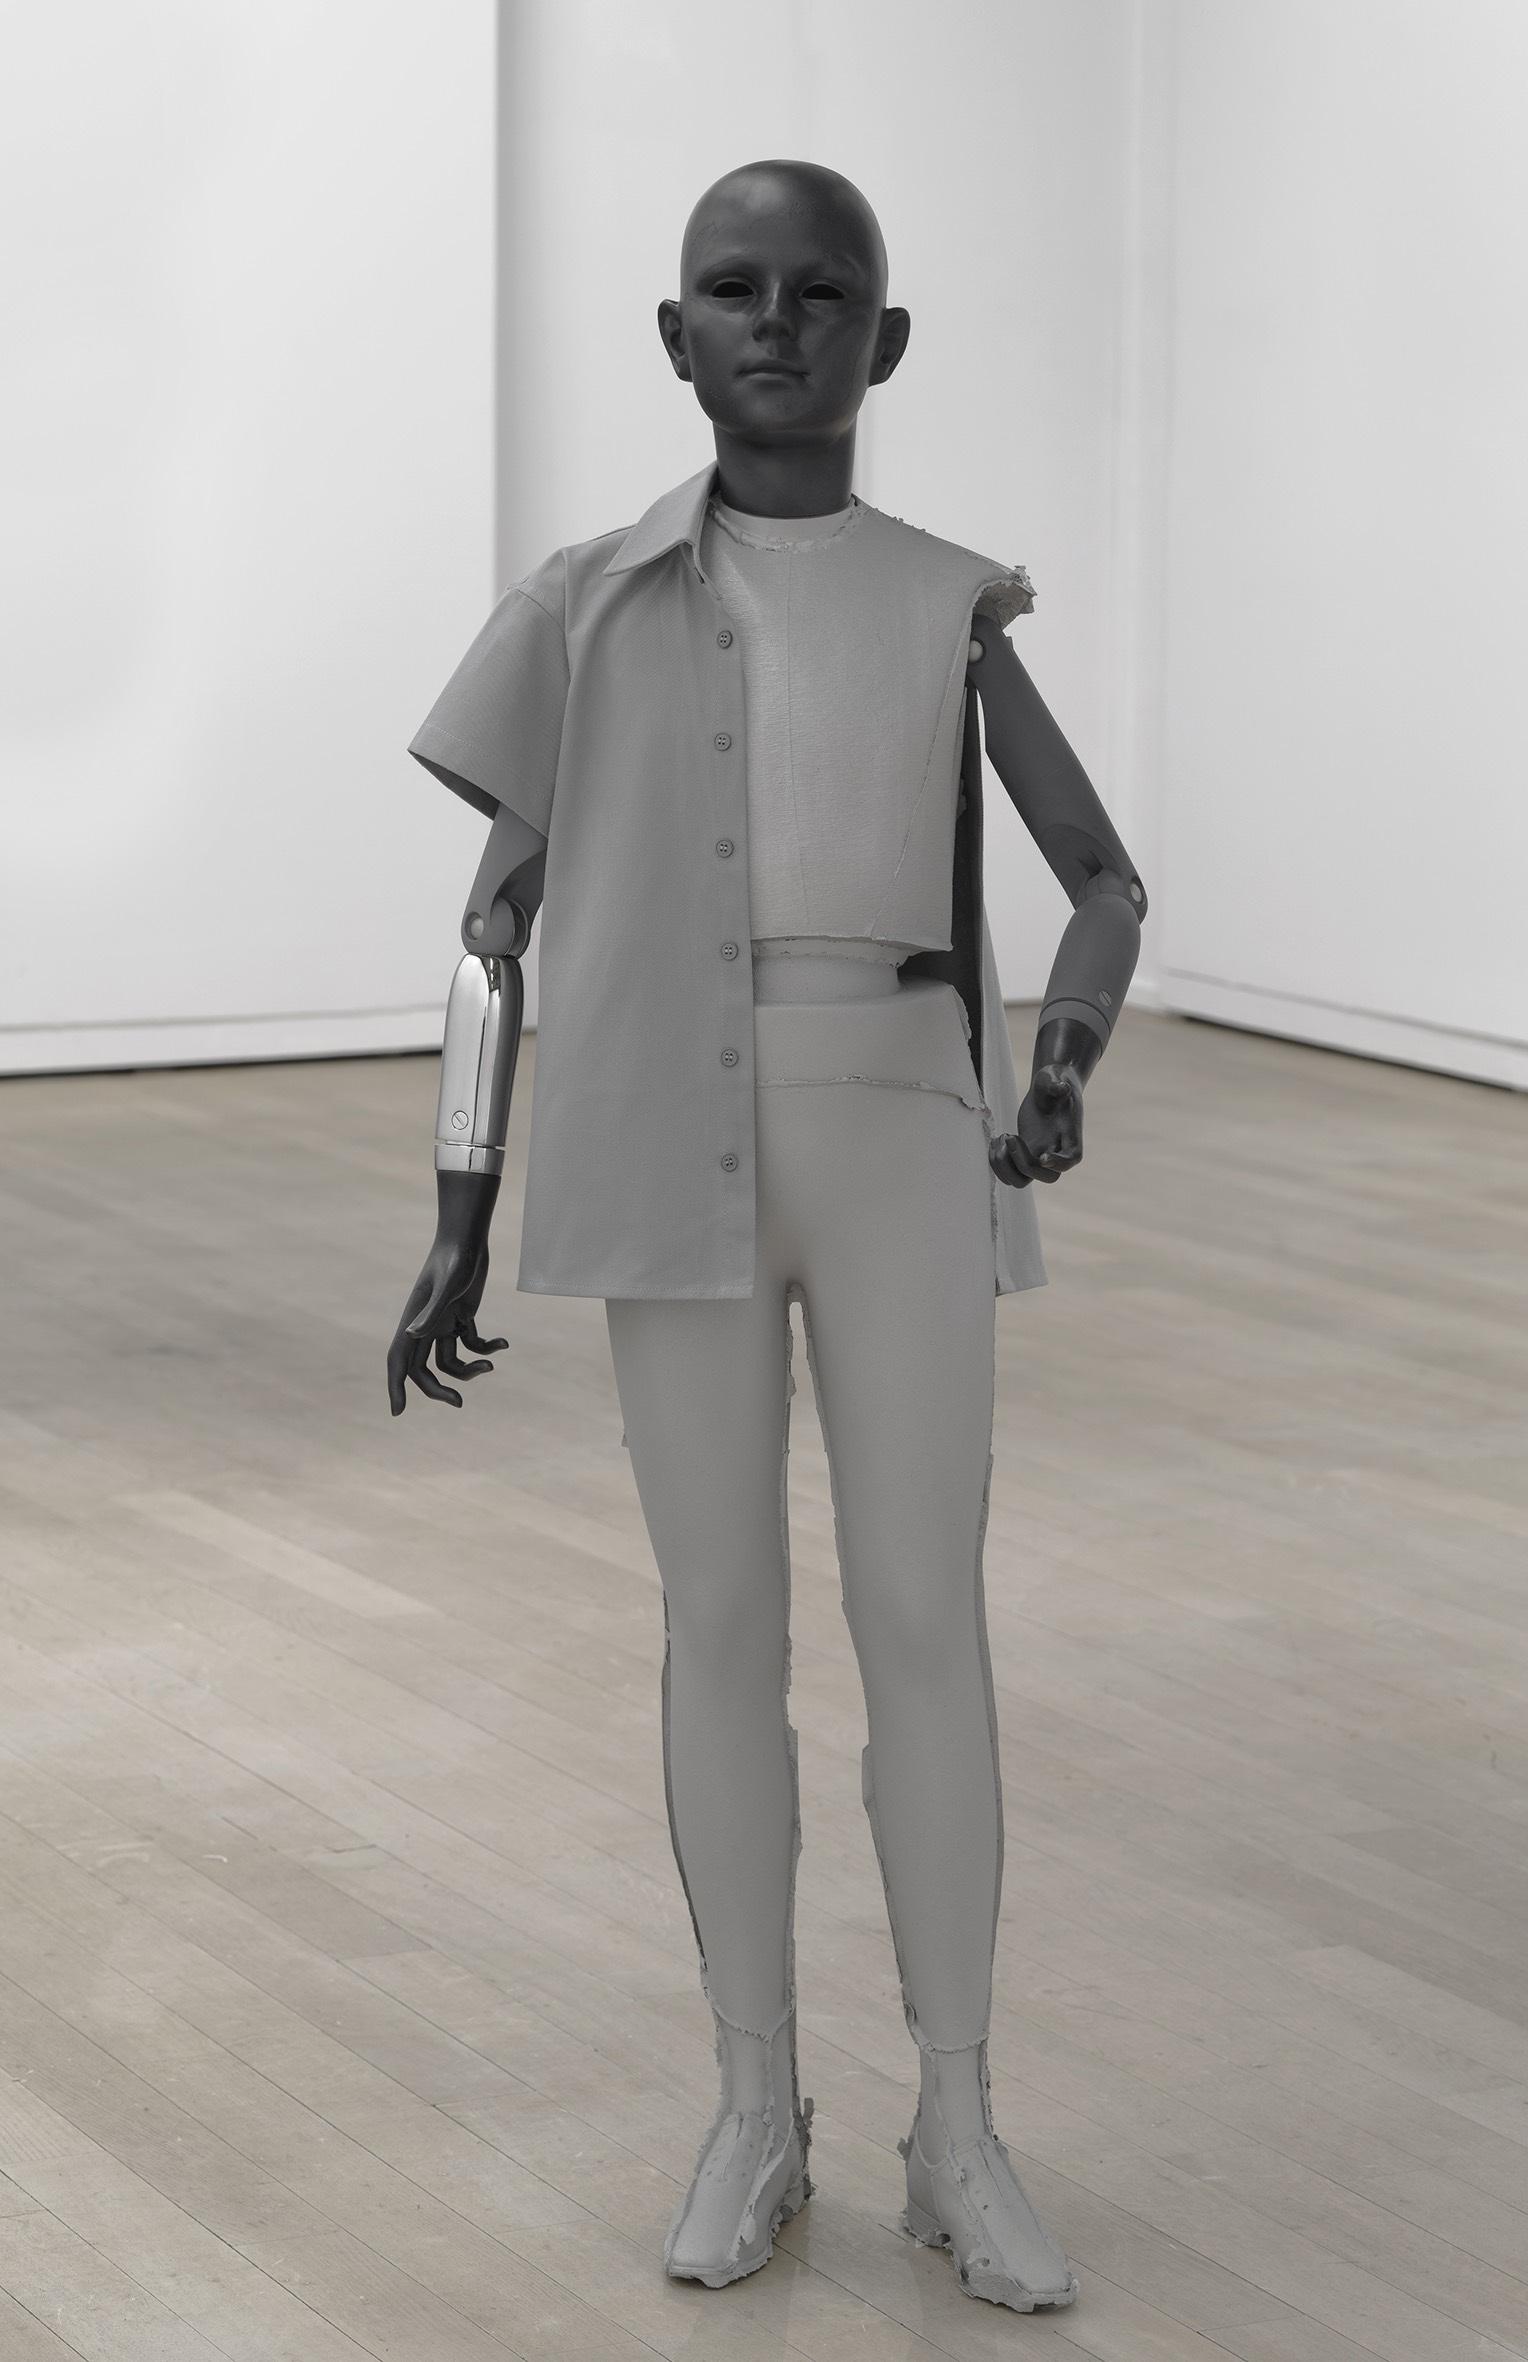 Tarik Kiswanson, Come, come, come of age (2018), Fondation Ricard, Photo credit: Aurélien Mole